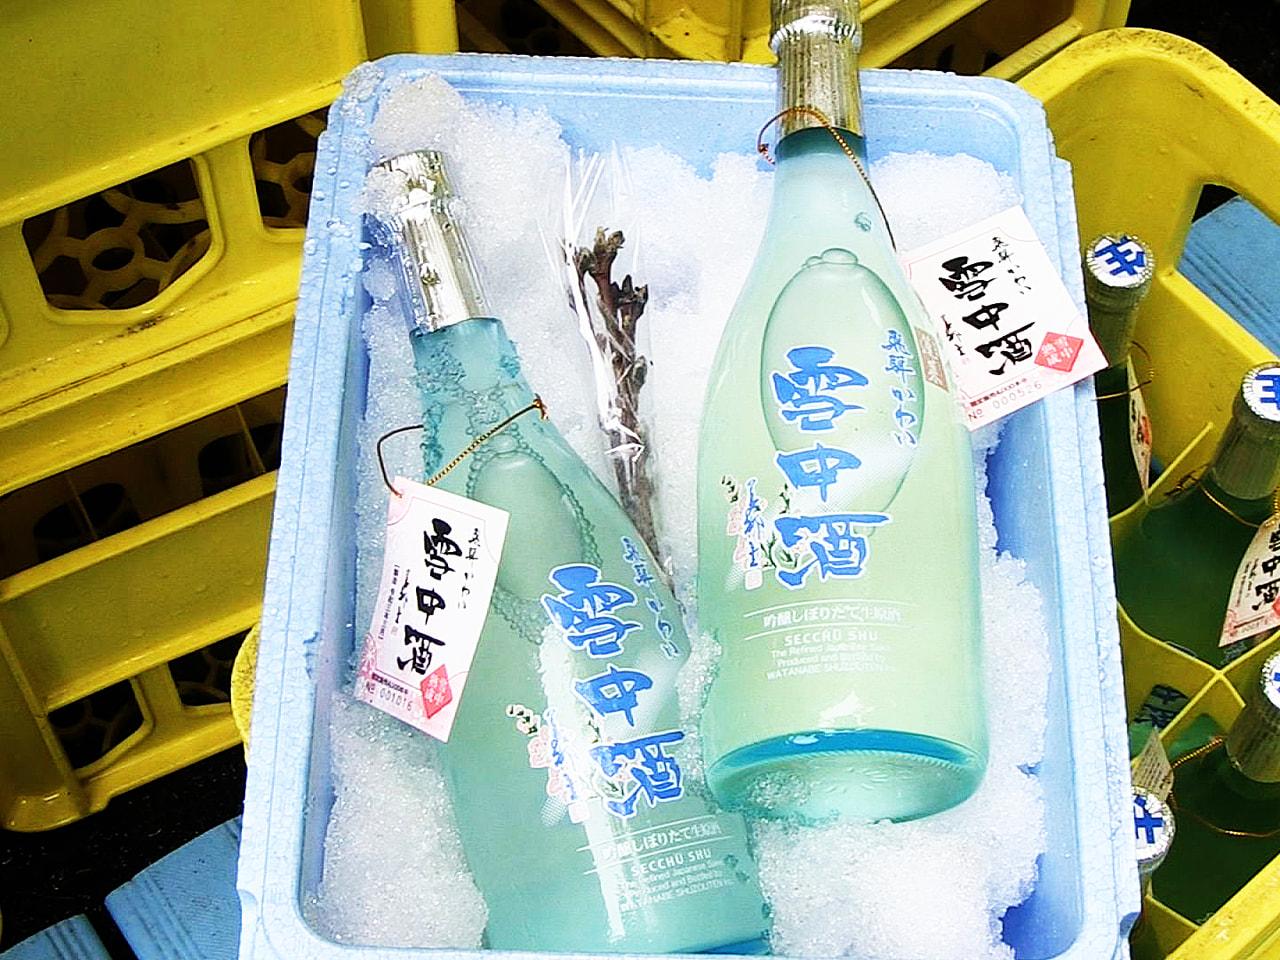 雪の中で熟成させた「雪中酒」の出荷作業が、岐阜県飛騨市で始まりました。 雪中酒は...